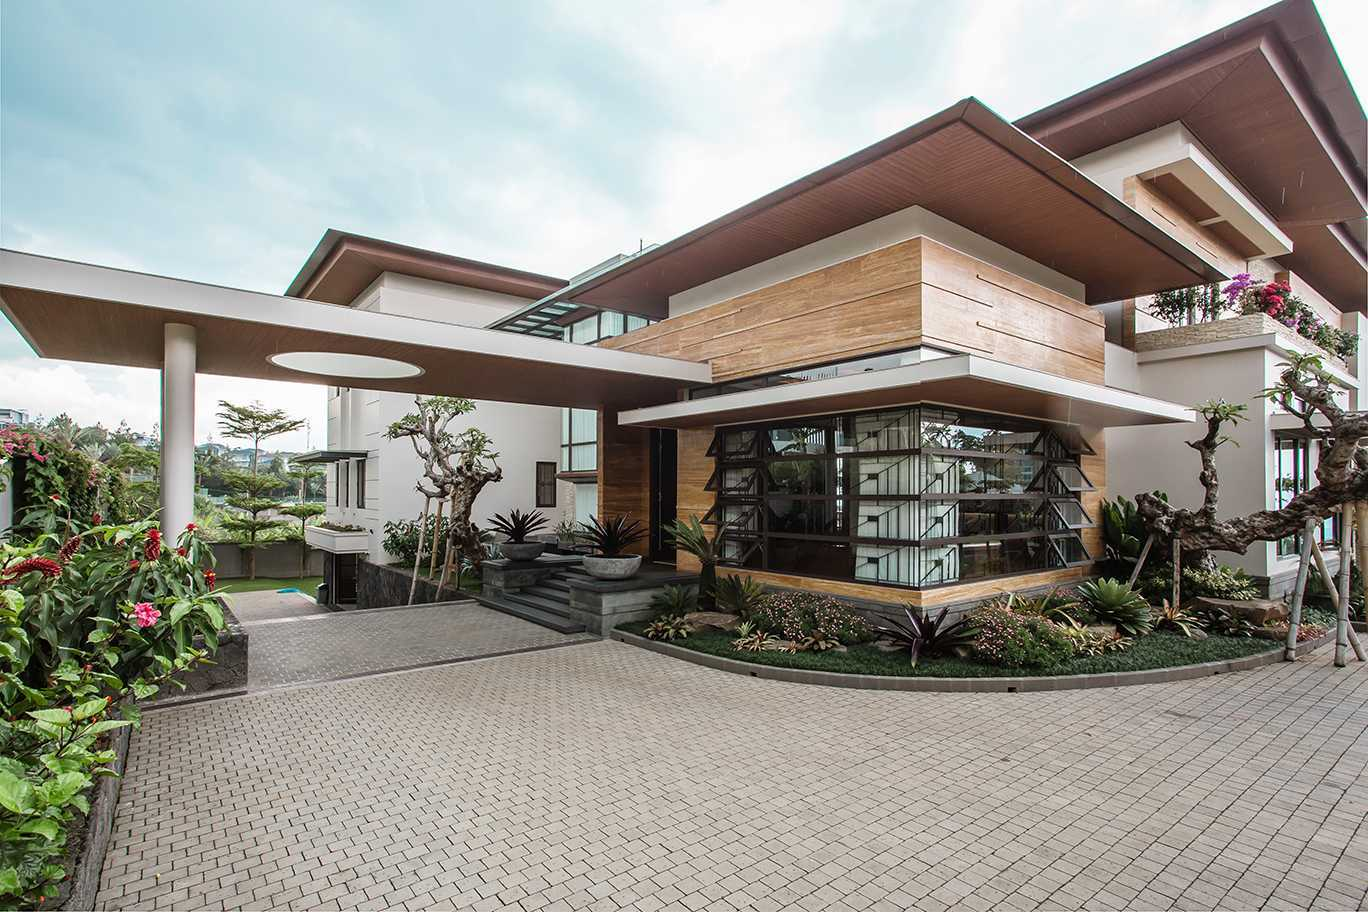 Lex And Architects Dago Residence Bandung, Jawa Barat, Indonesia Bandung, Jawa Barat, Indonesia Lex-And-Architects-Dago-Residence   68893